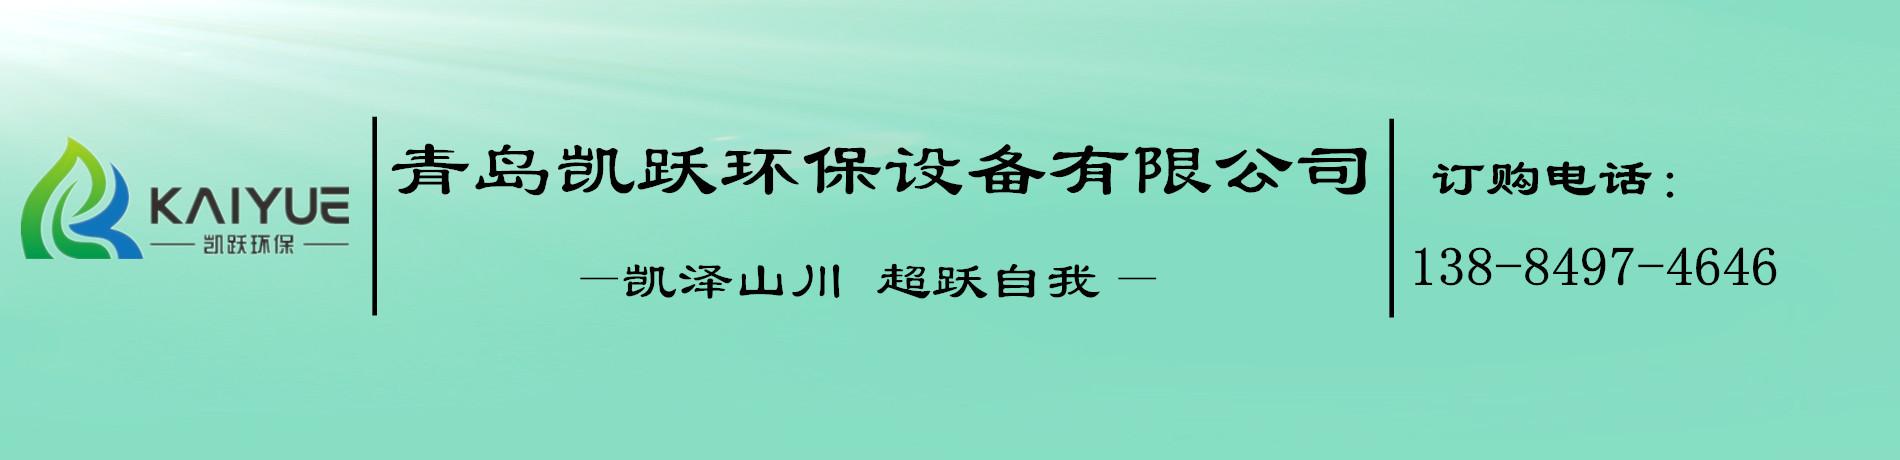 青岛凯跃环保设备有限公司